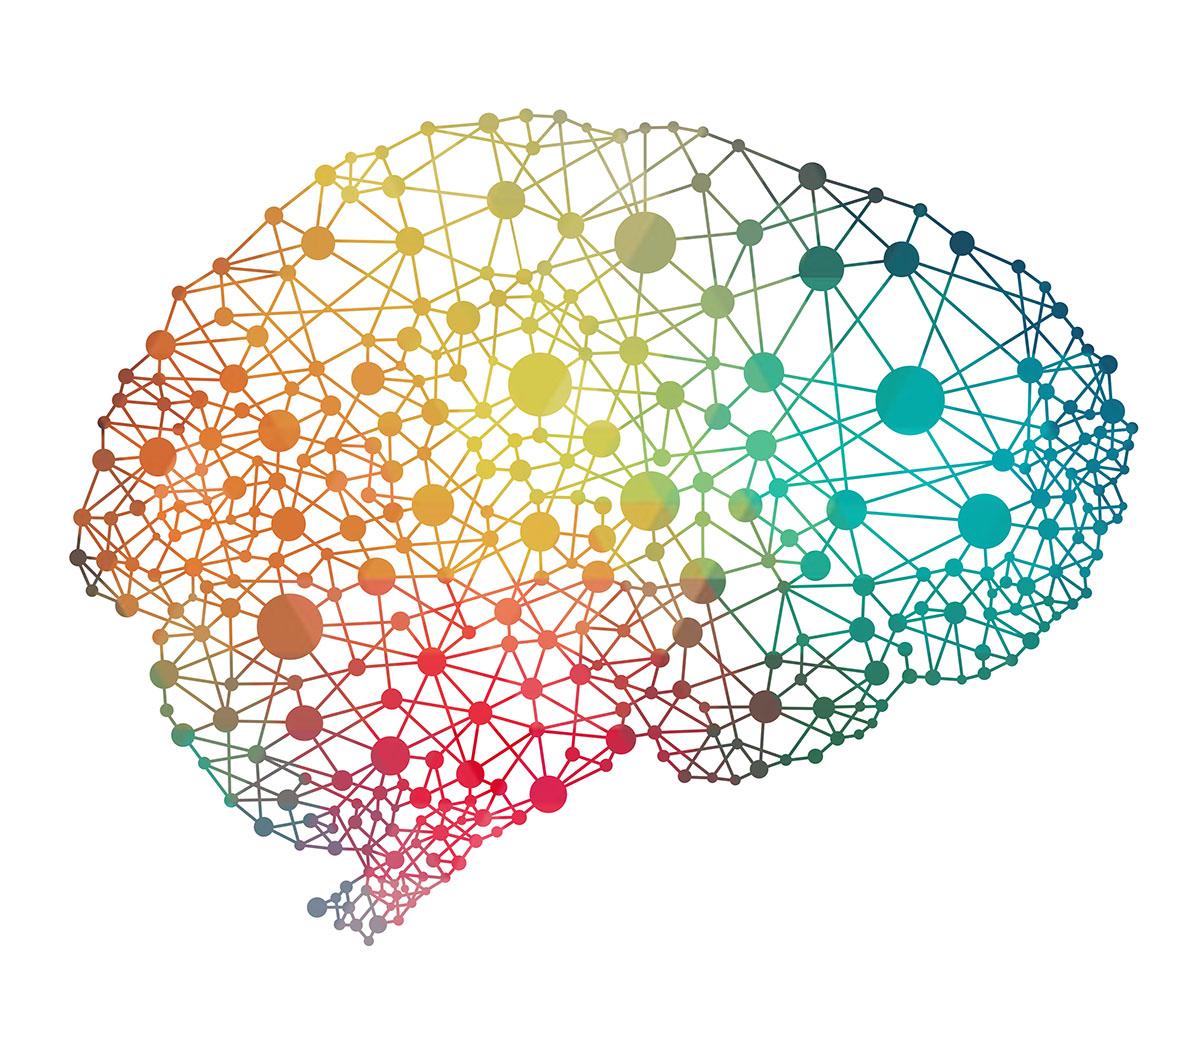 grandes cerebros